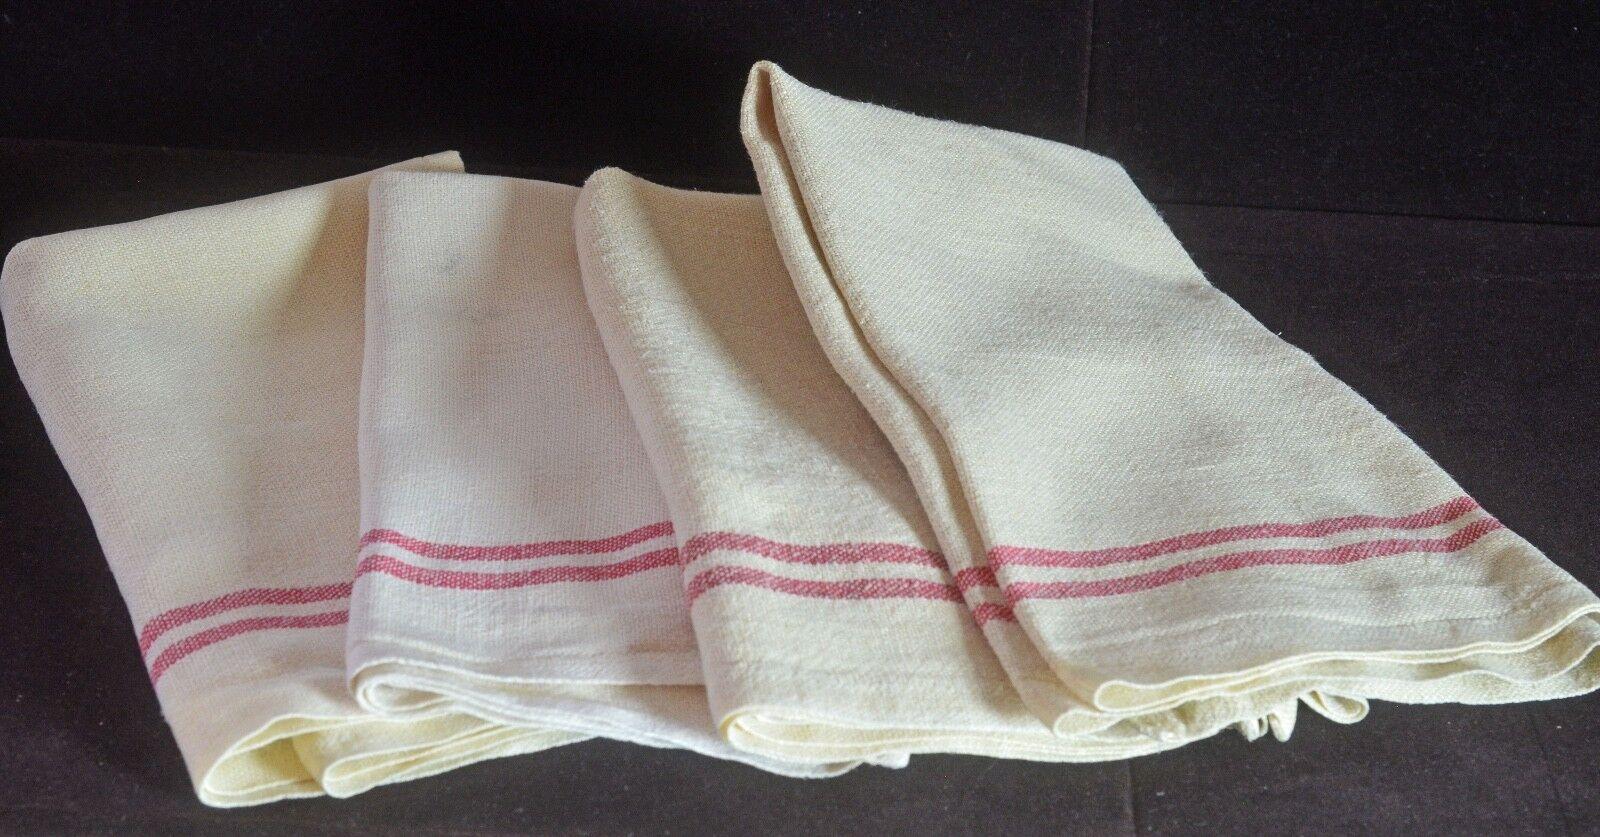 3 Schöne Vintage Französisch Provinziell Schwer Leinen Handtücher mit   Rot